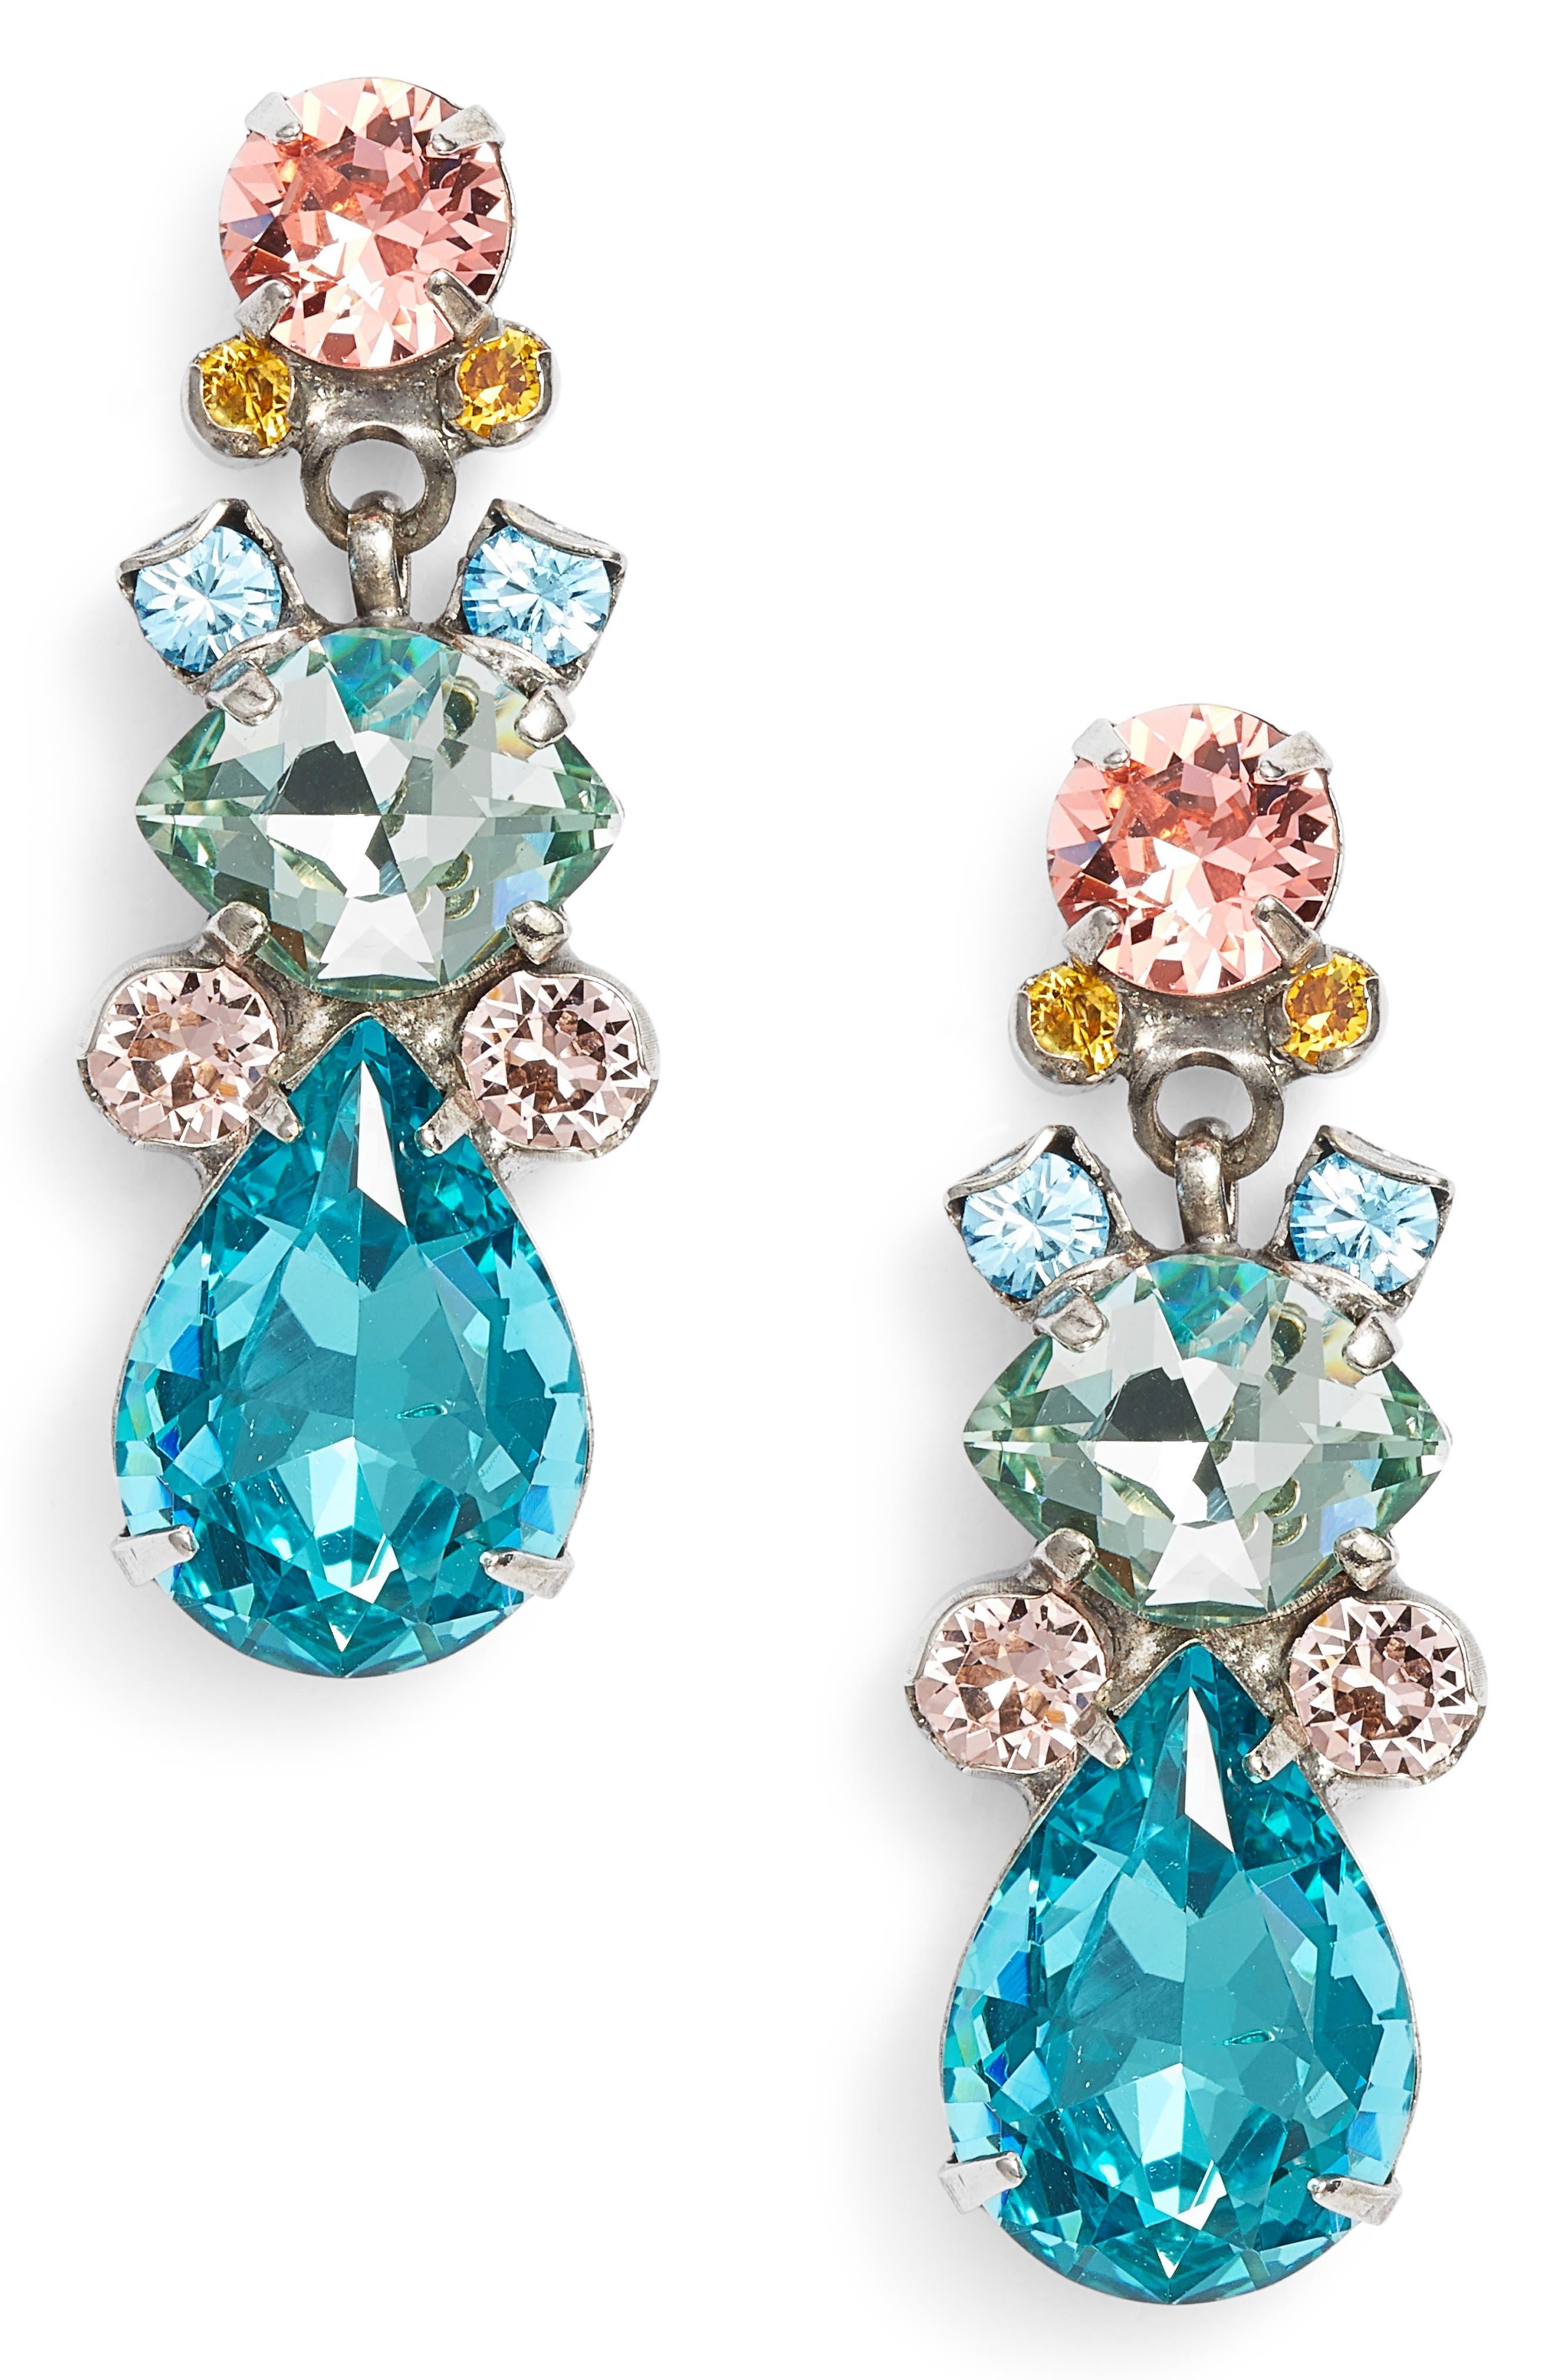 Iberis Earrings,                             Main thumbnail 1, color,                             Aqua/ Pink/ Green